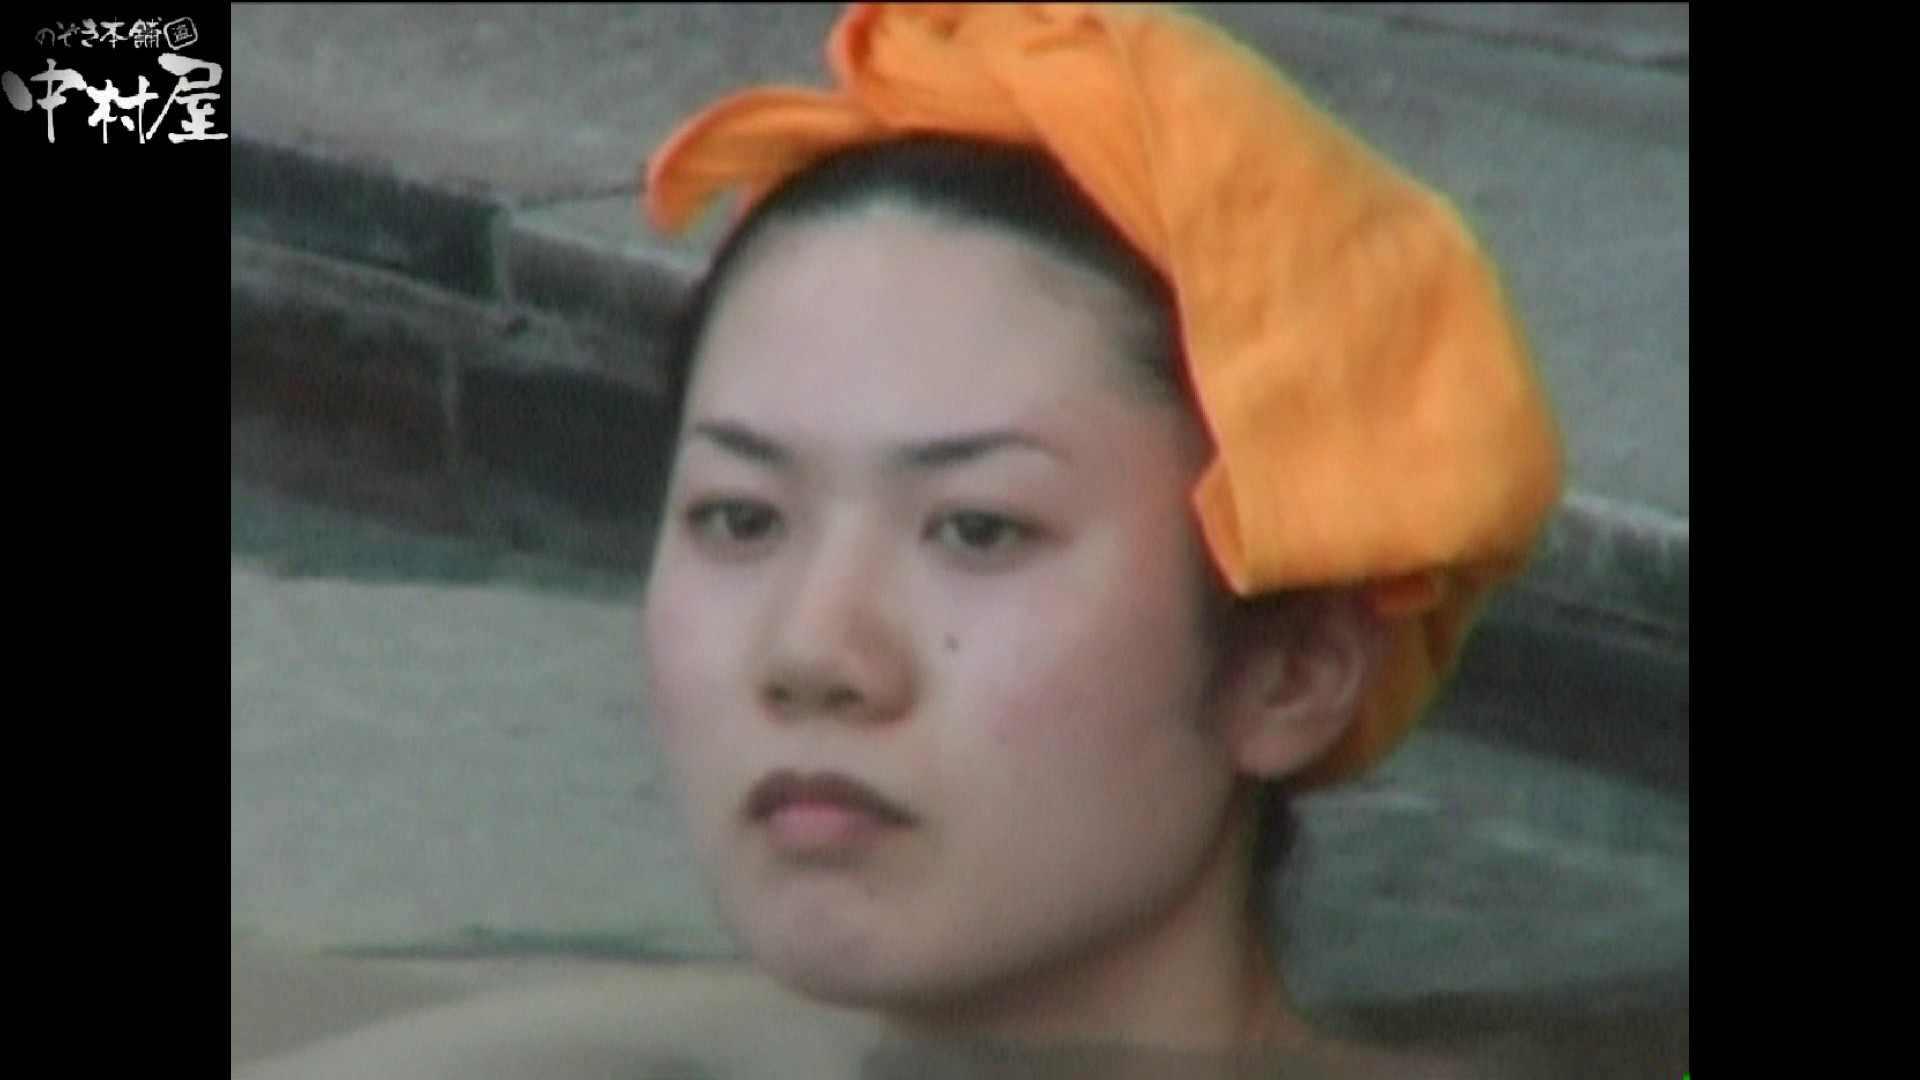 Aquaな露天風呂Vol.978 OLのエロ生活 スケベ動画紹介 73連発 17